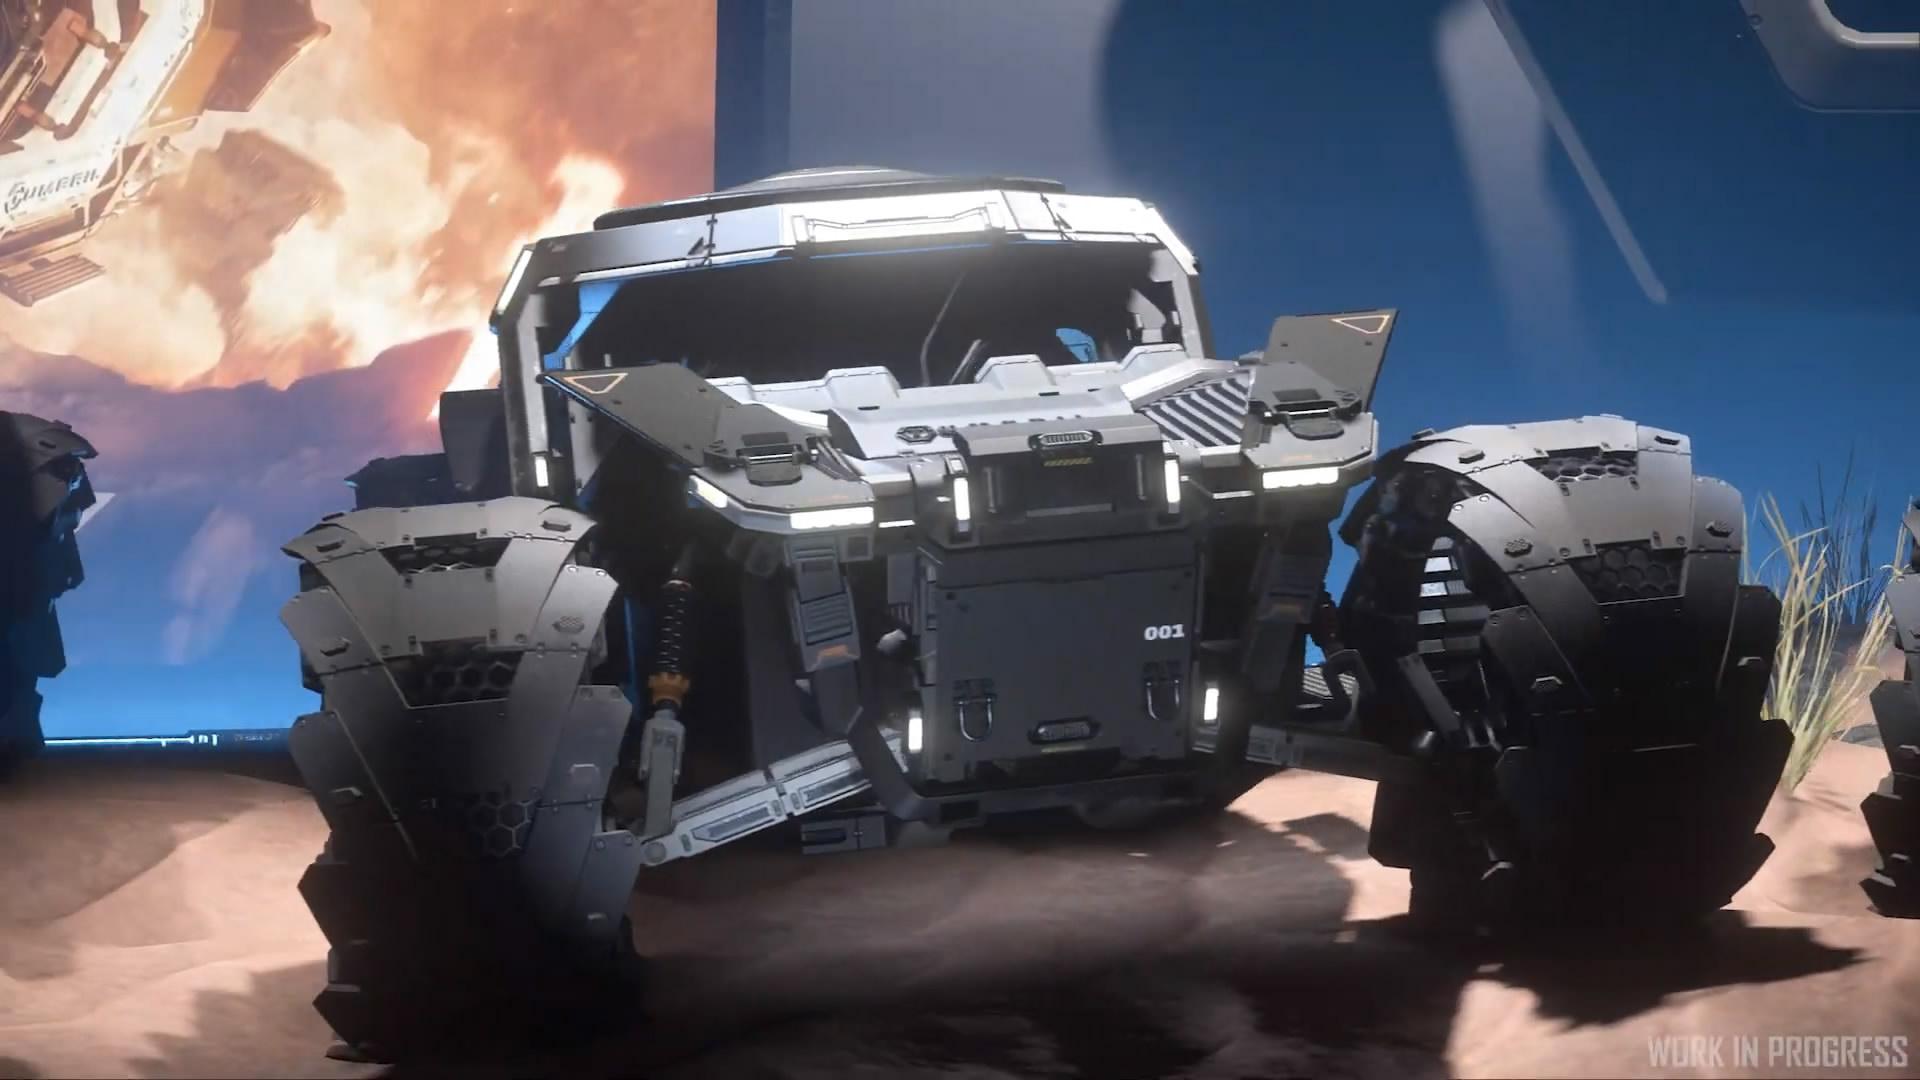 《星际公民》筹款破2.84亿 新视频展示Pyro I星球等